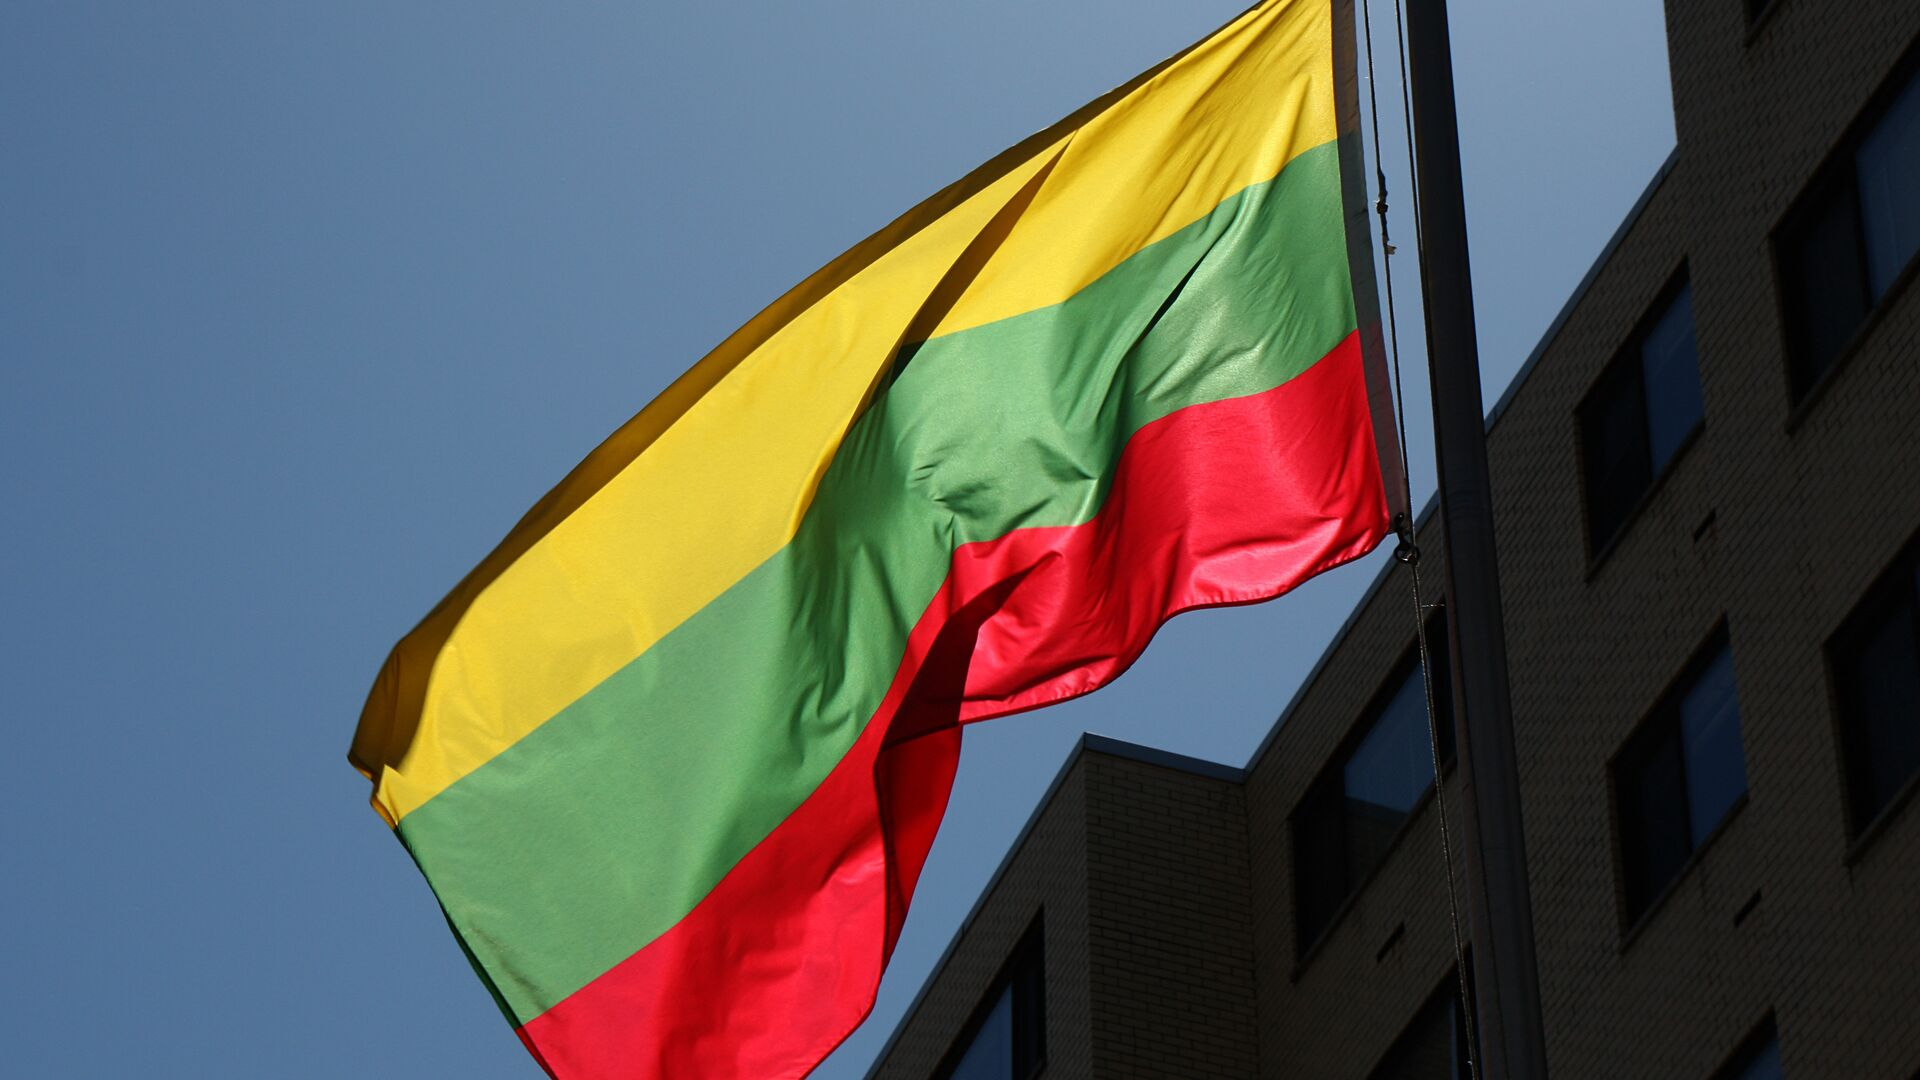 Bandera de Lituania - Sputnik Mundo, 1920, 16.04.2021